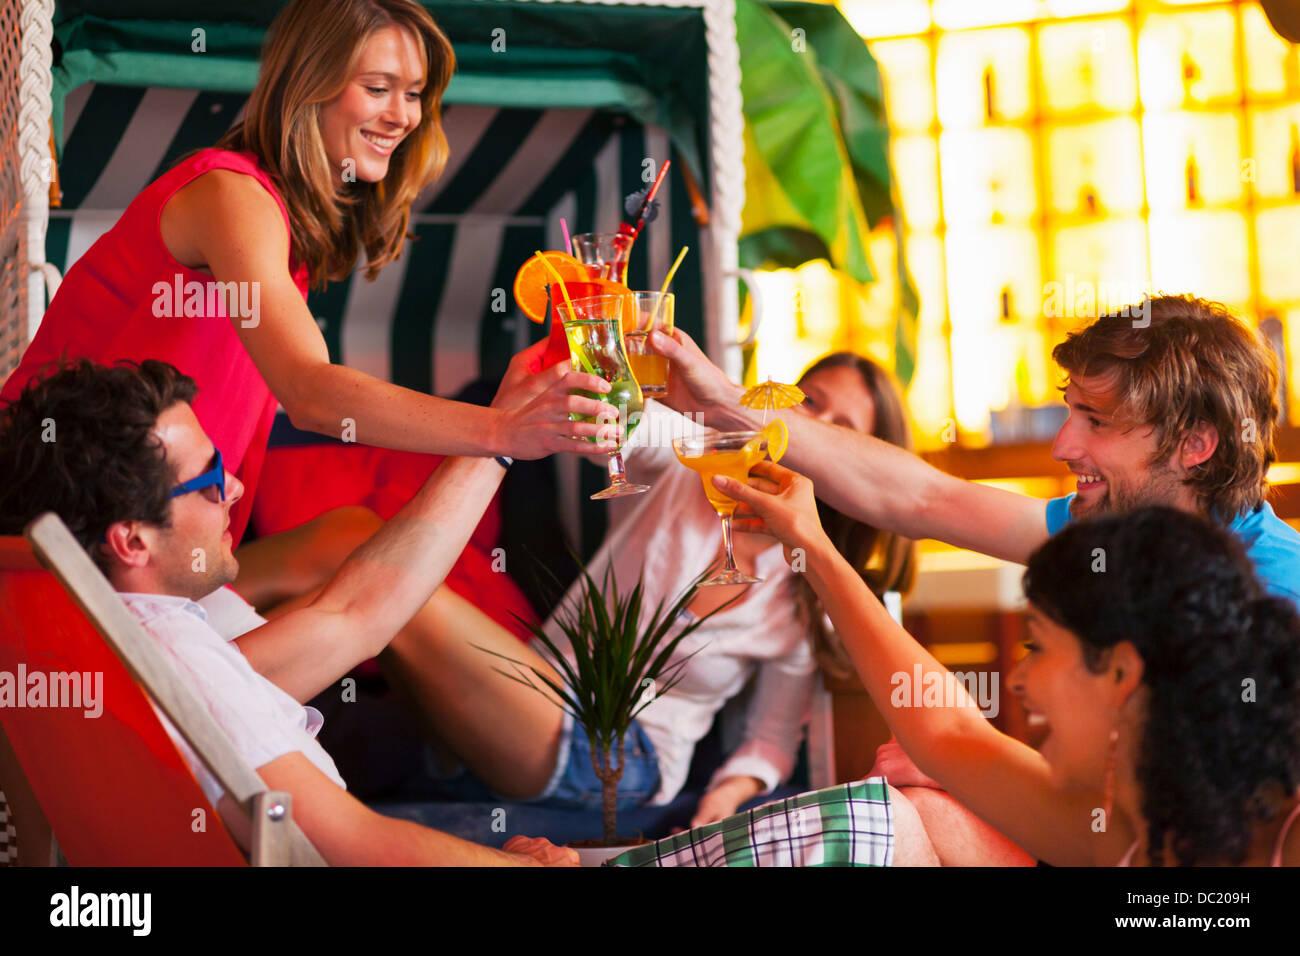 Gruppe von Freunden mit Cocktails bei indoor Beachparty Stockbild